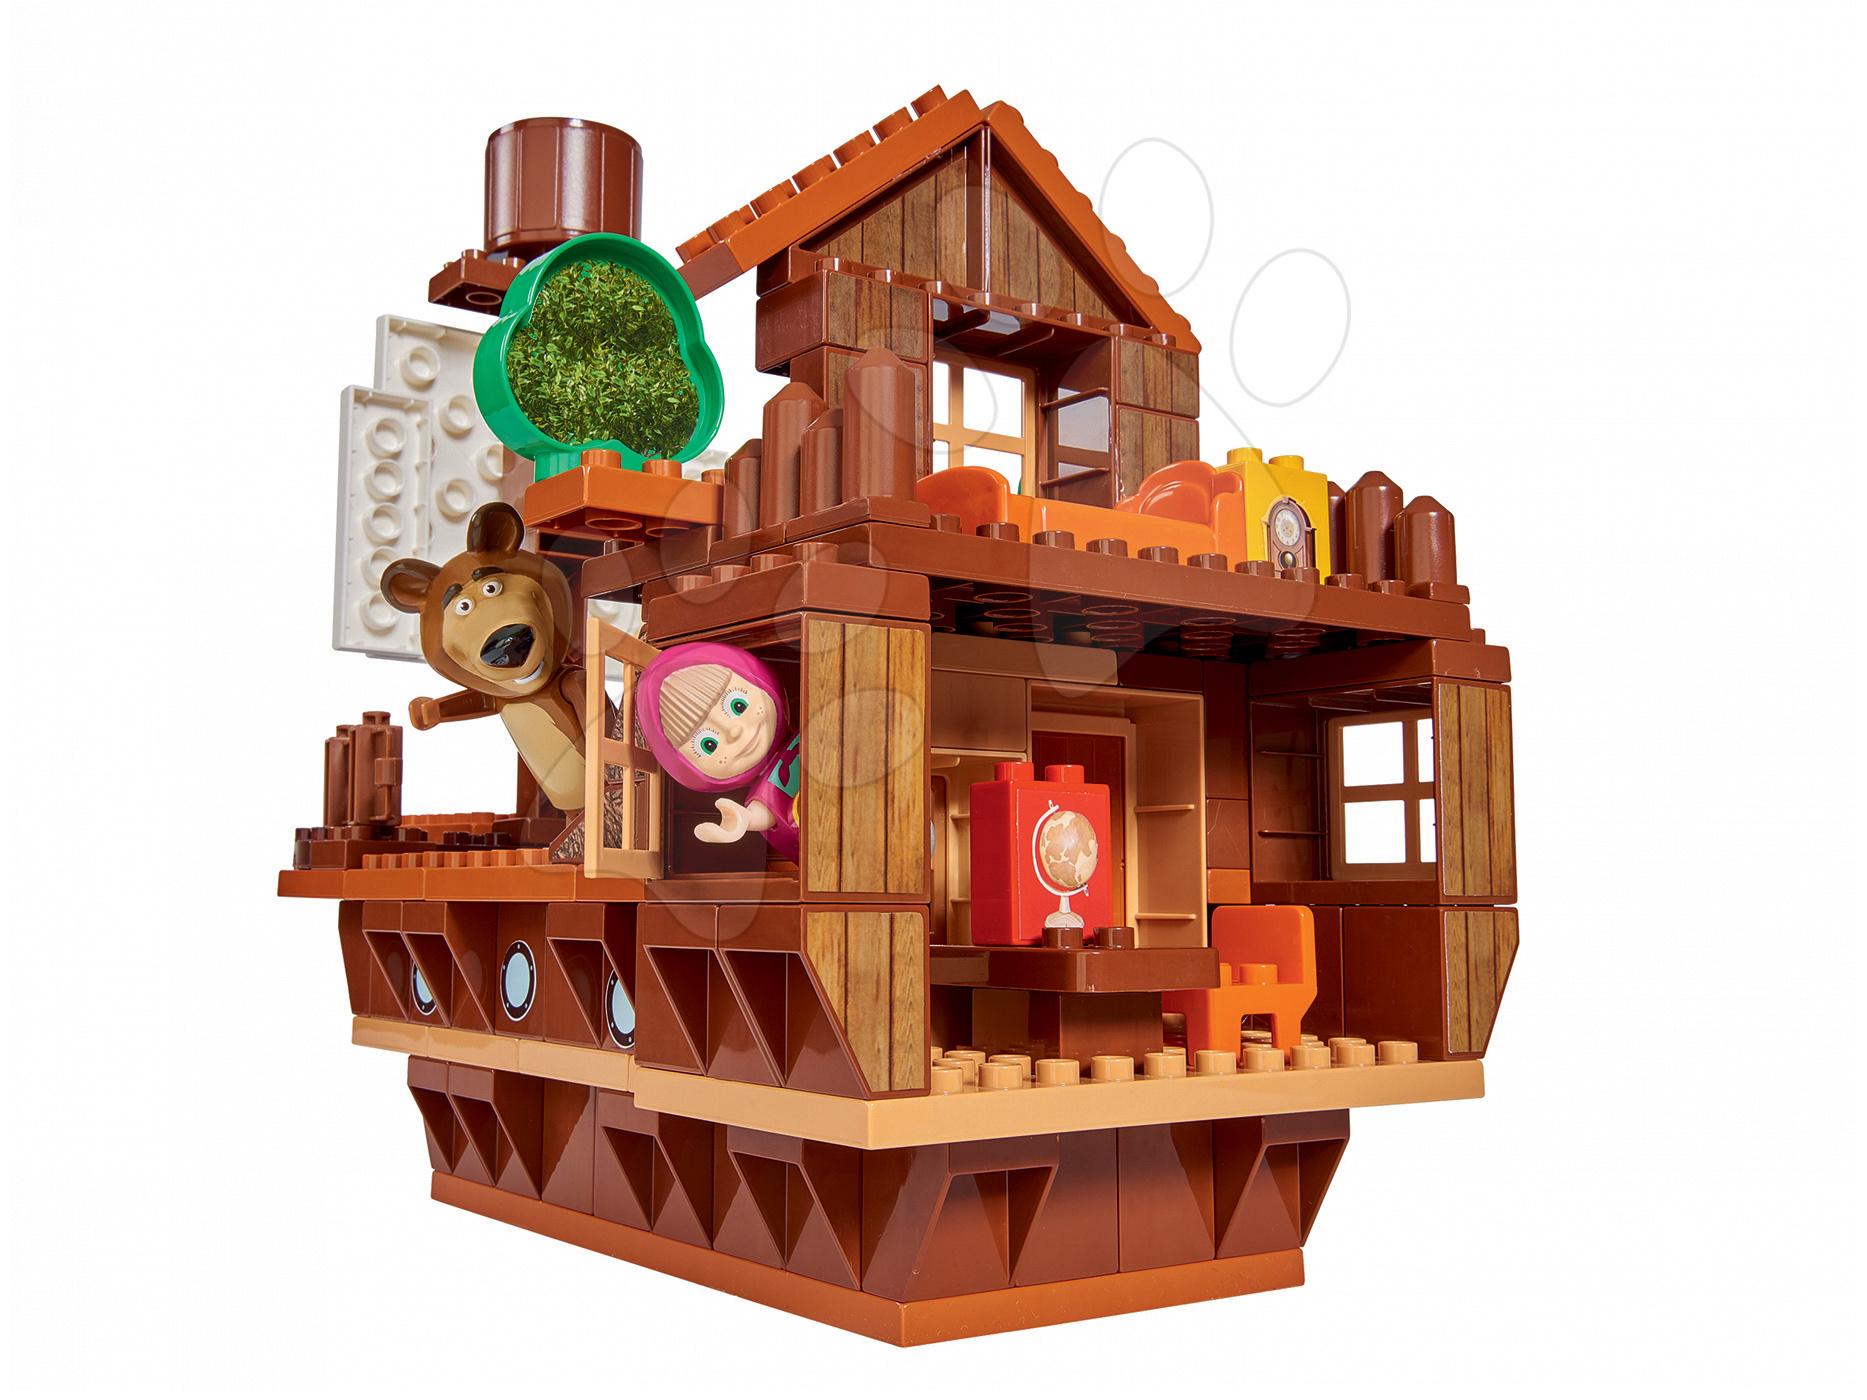 Stavebnica Máša a medveď Medvedia loď PlayBIG Bloxx BIG s 2 figúrkami a 159 dielov od 1,5-5 rokov